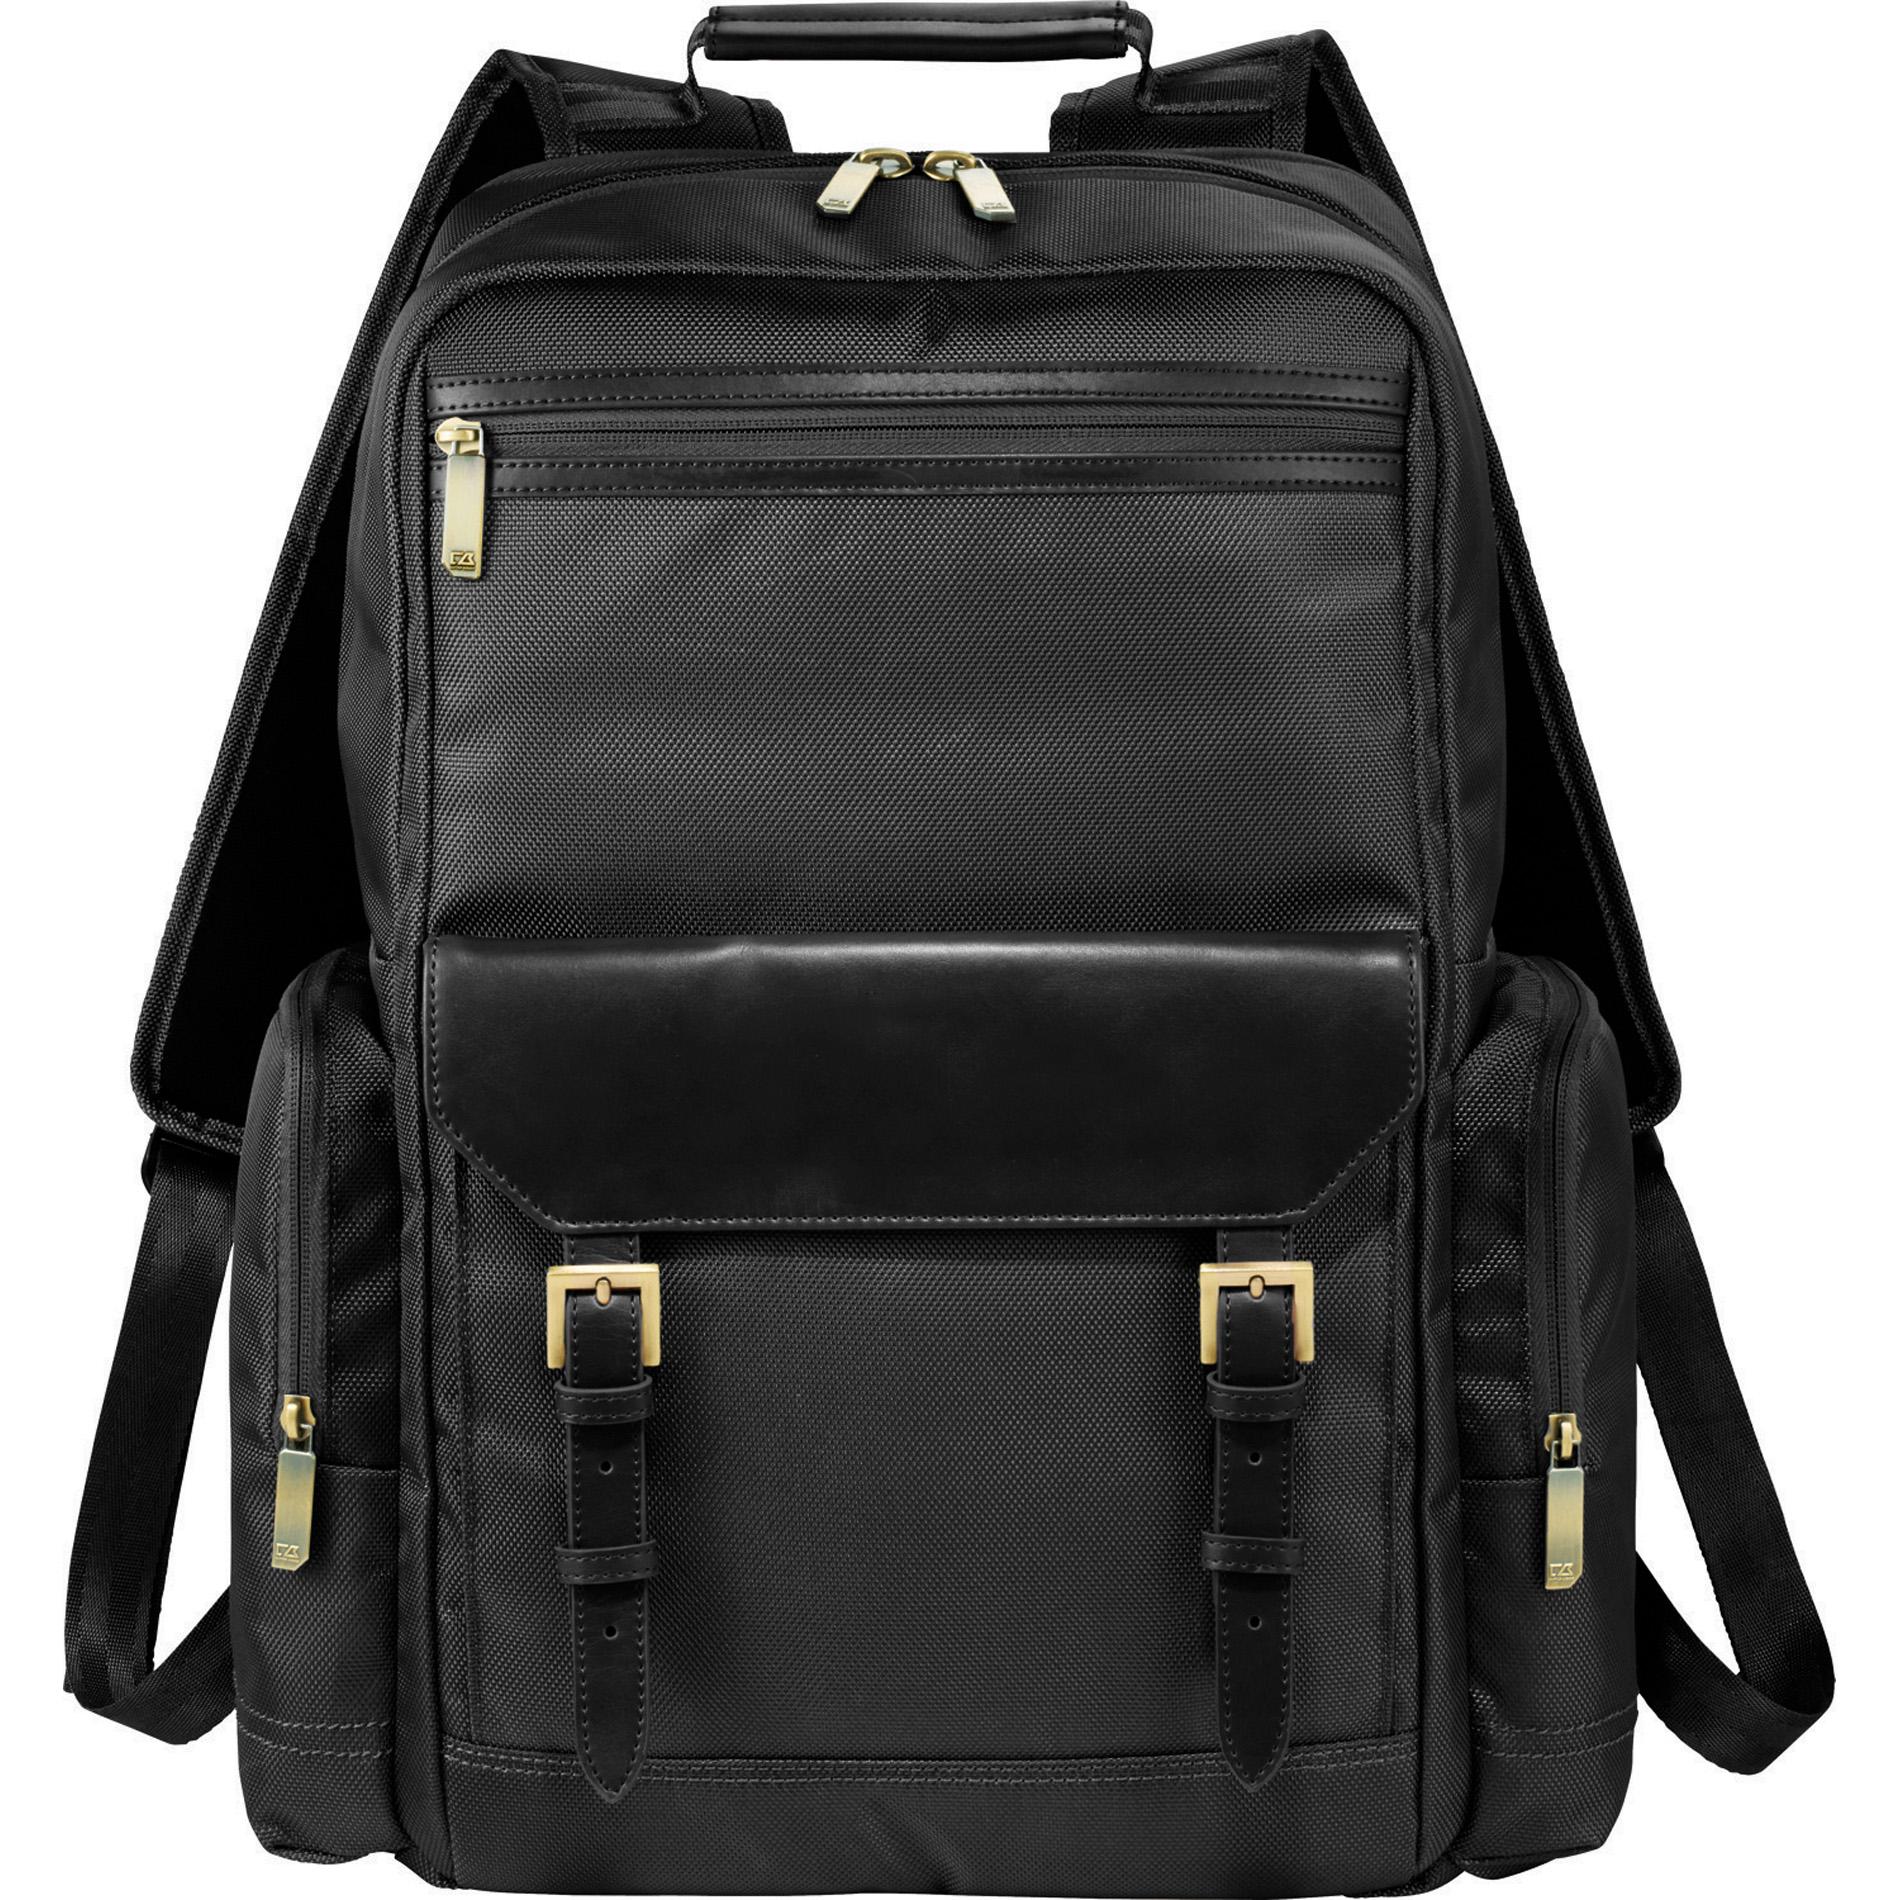 Cutter & Buck 9870-40 - Bainbridge 15 Computer Backpack